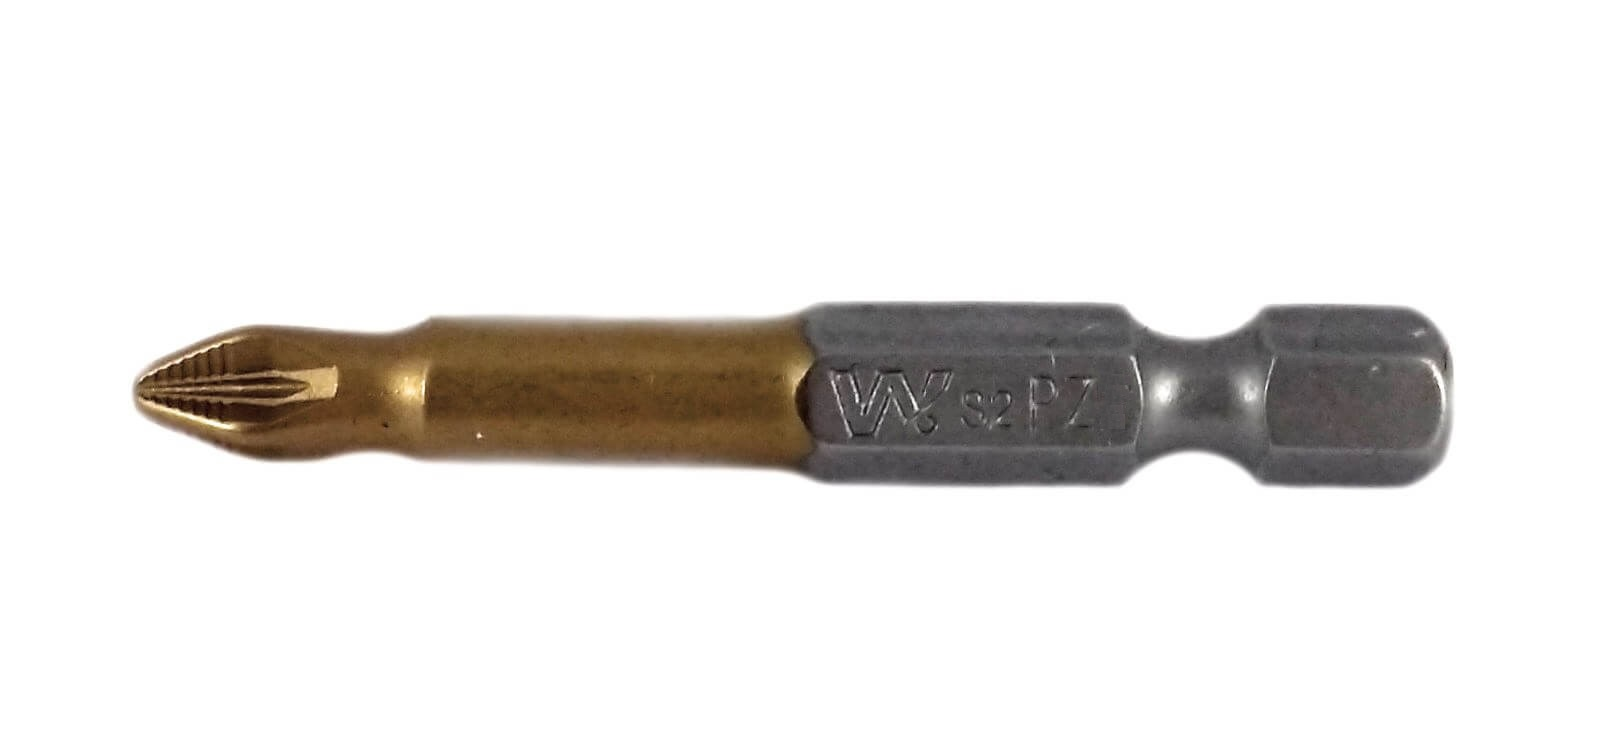 Бита Whirlpower 50мм РZ1 RSC TiN золотой премиум, 1 шт. цена и фото